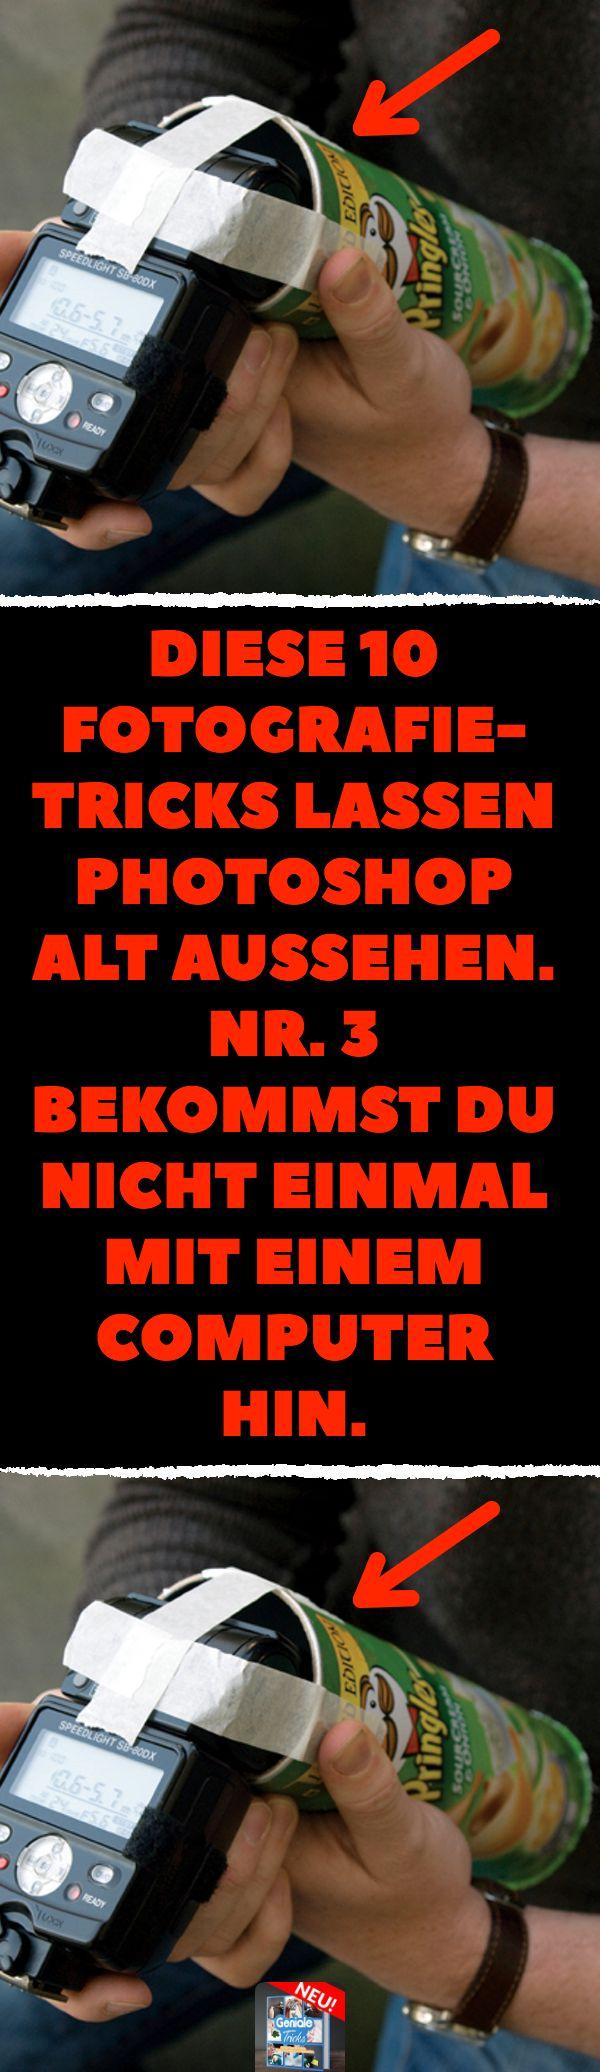 Diese 10 Fotografie-Tricks lassen Photoshop alt au…